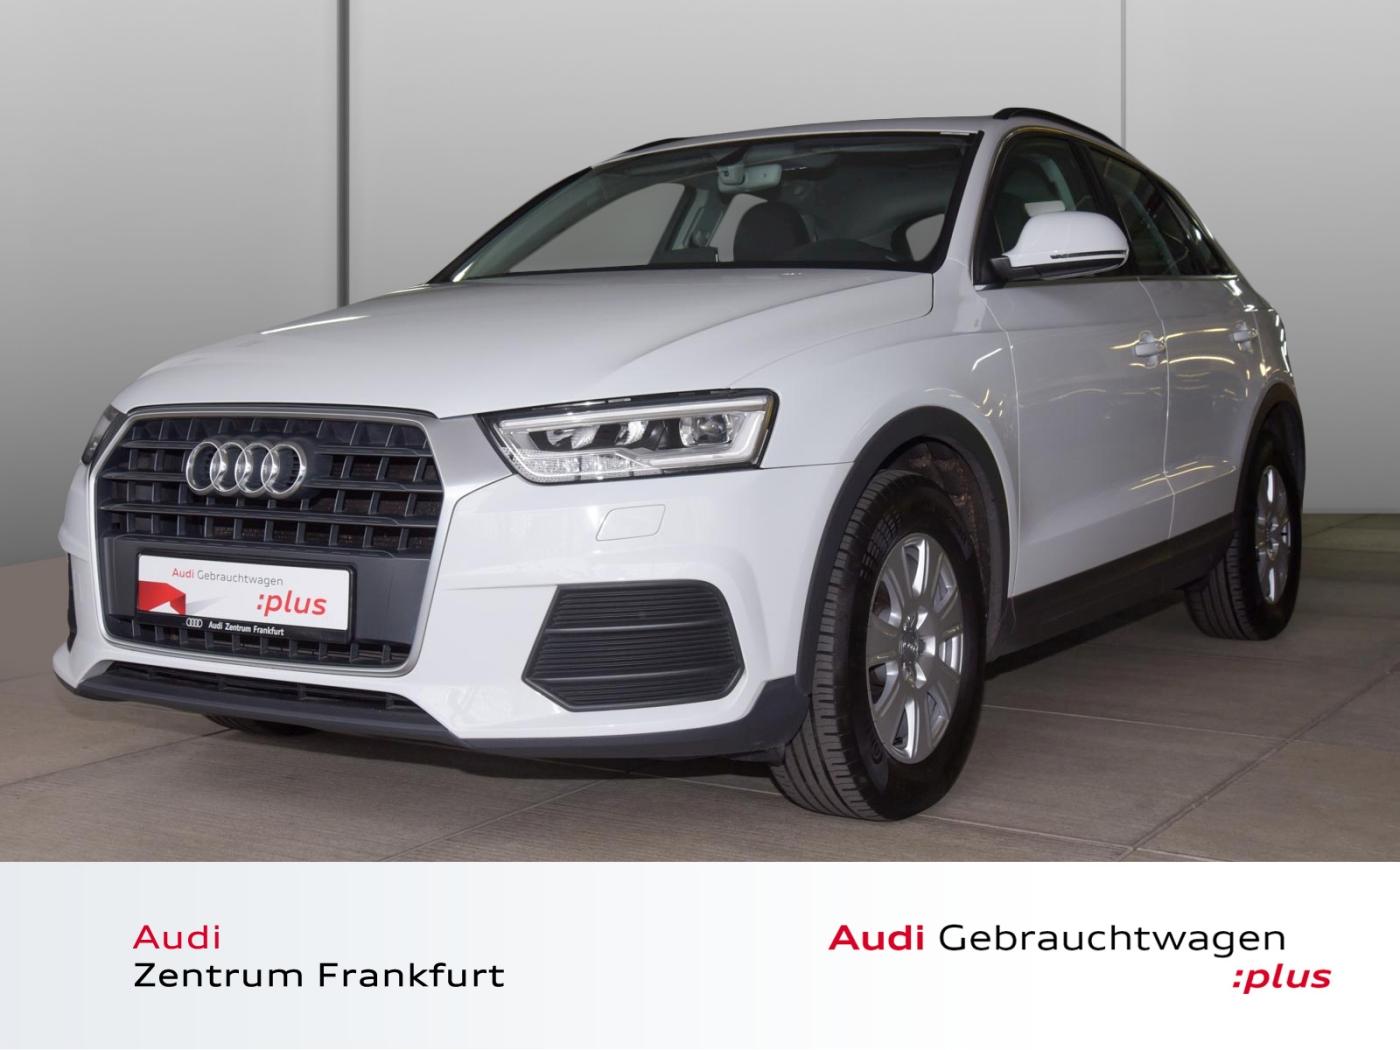 Audi Q3 2.0 TDI ultra LED Navi Tempomat PDC Sitzheizu, Jahr 2015, Diesel